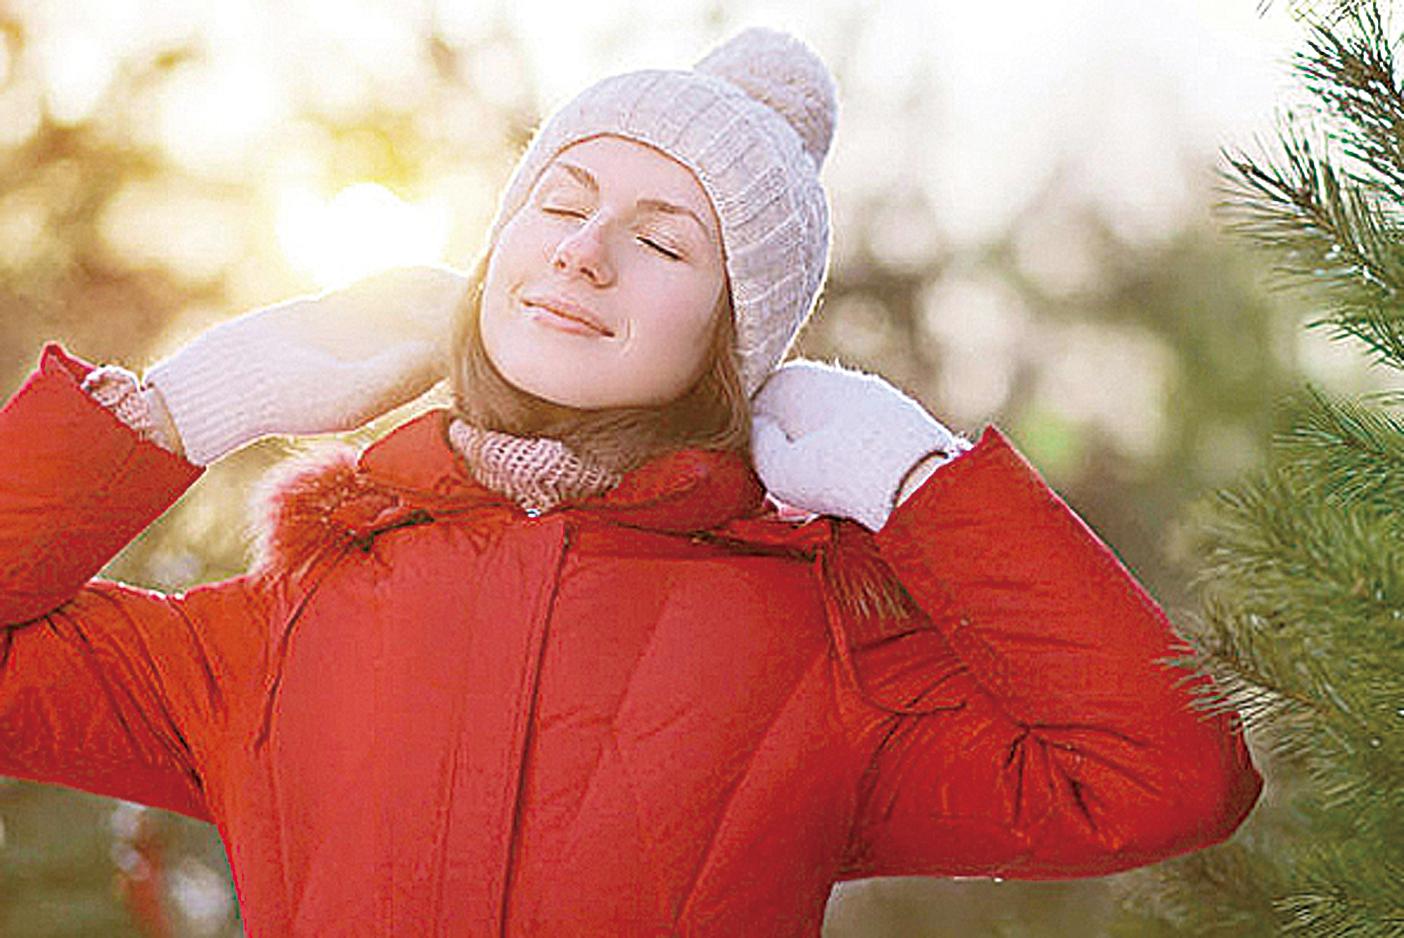 即使是天寒地凍的日子,出去曬曬太陽,其改善心情的巨大功效也讓人想不到。(Fotolia)